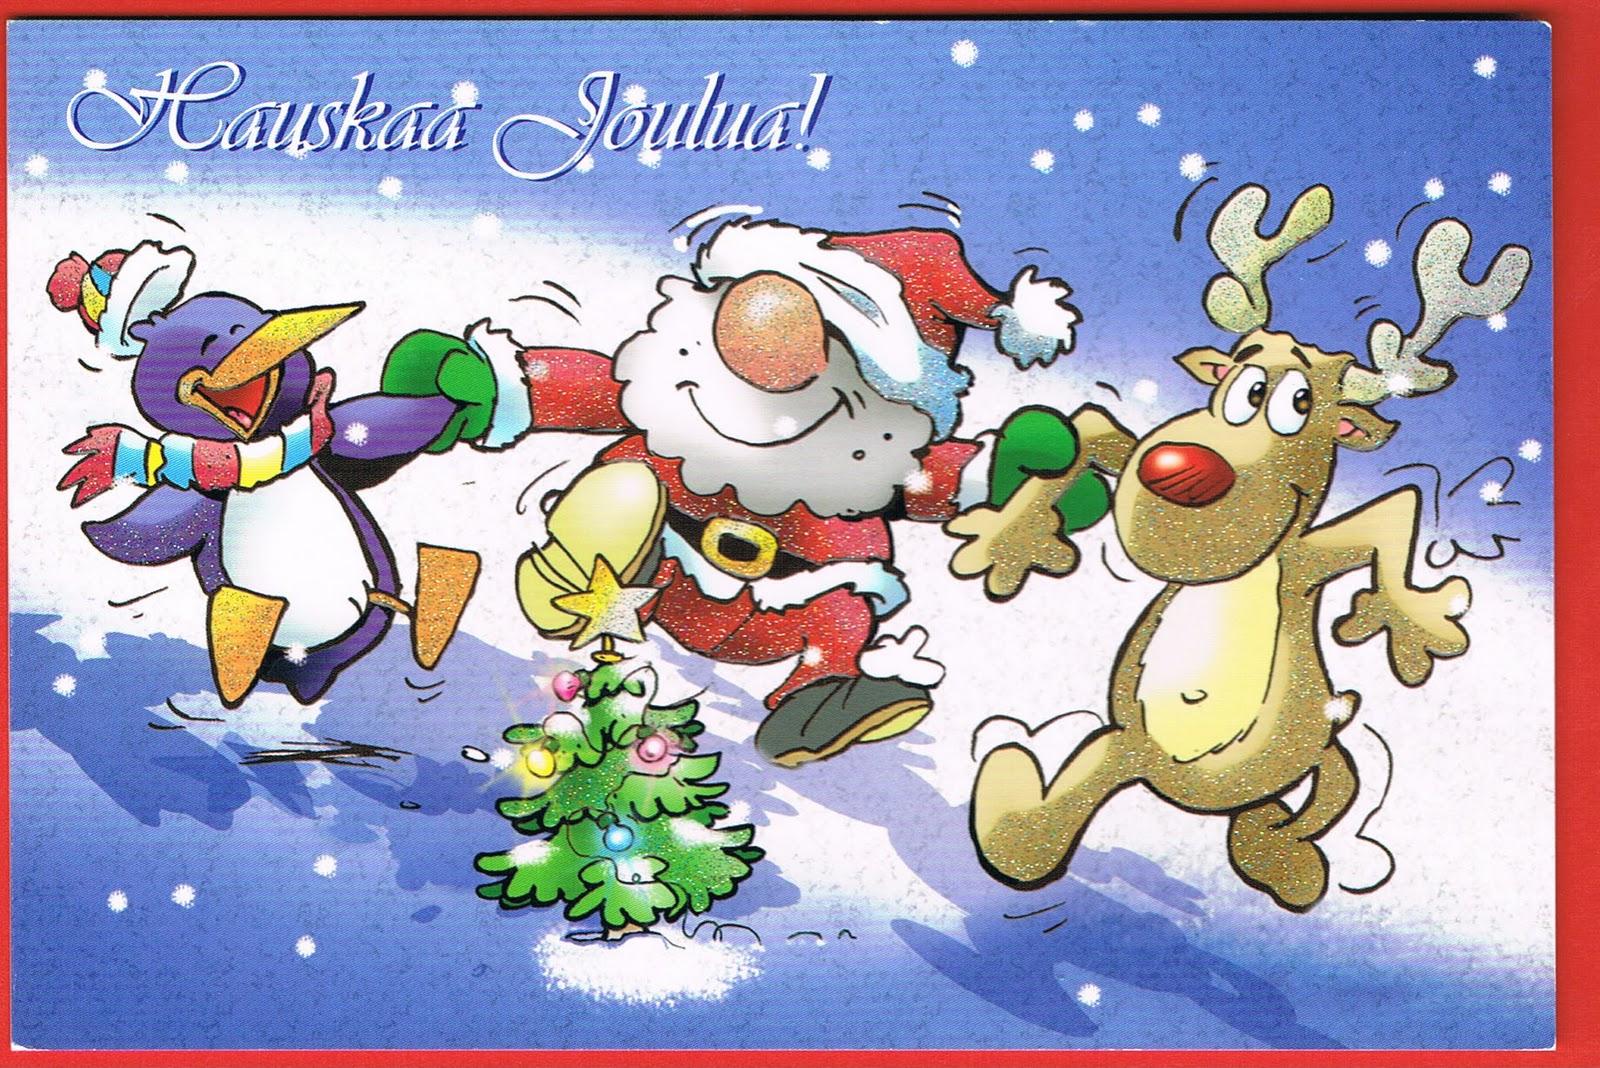 Marklaros world postcards december 2010 finland santa claus cartoon card m4hsunfo